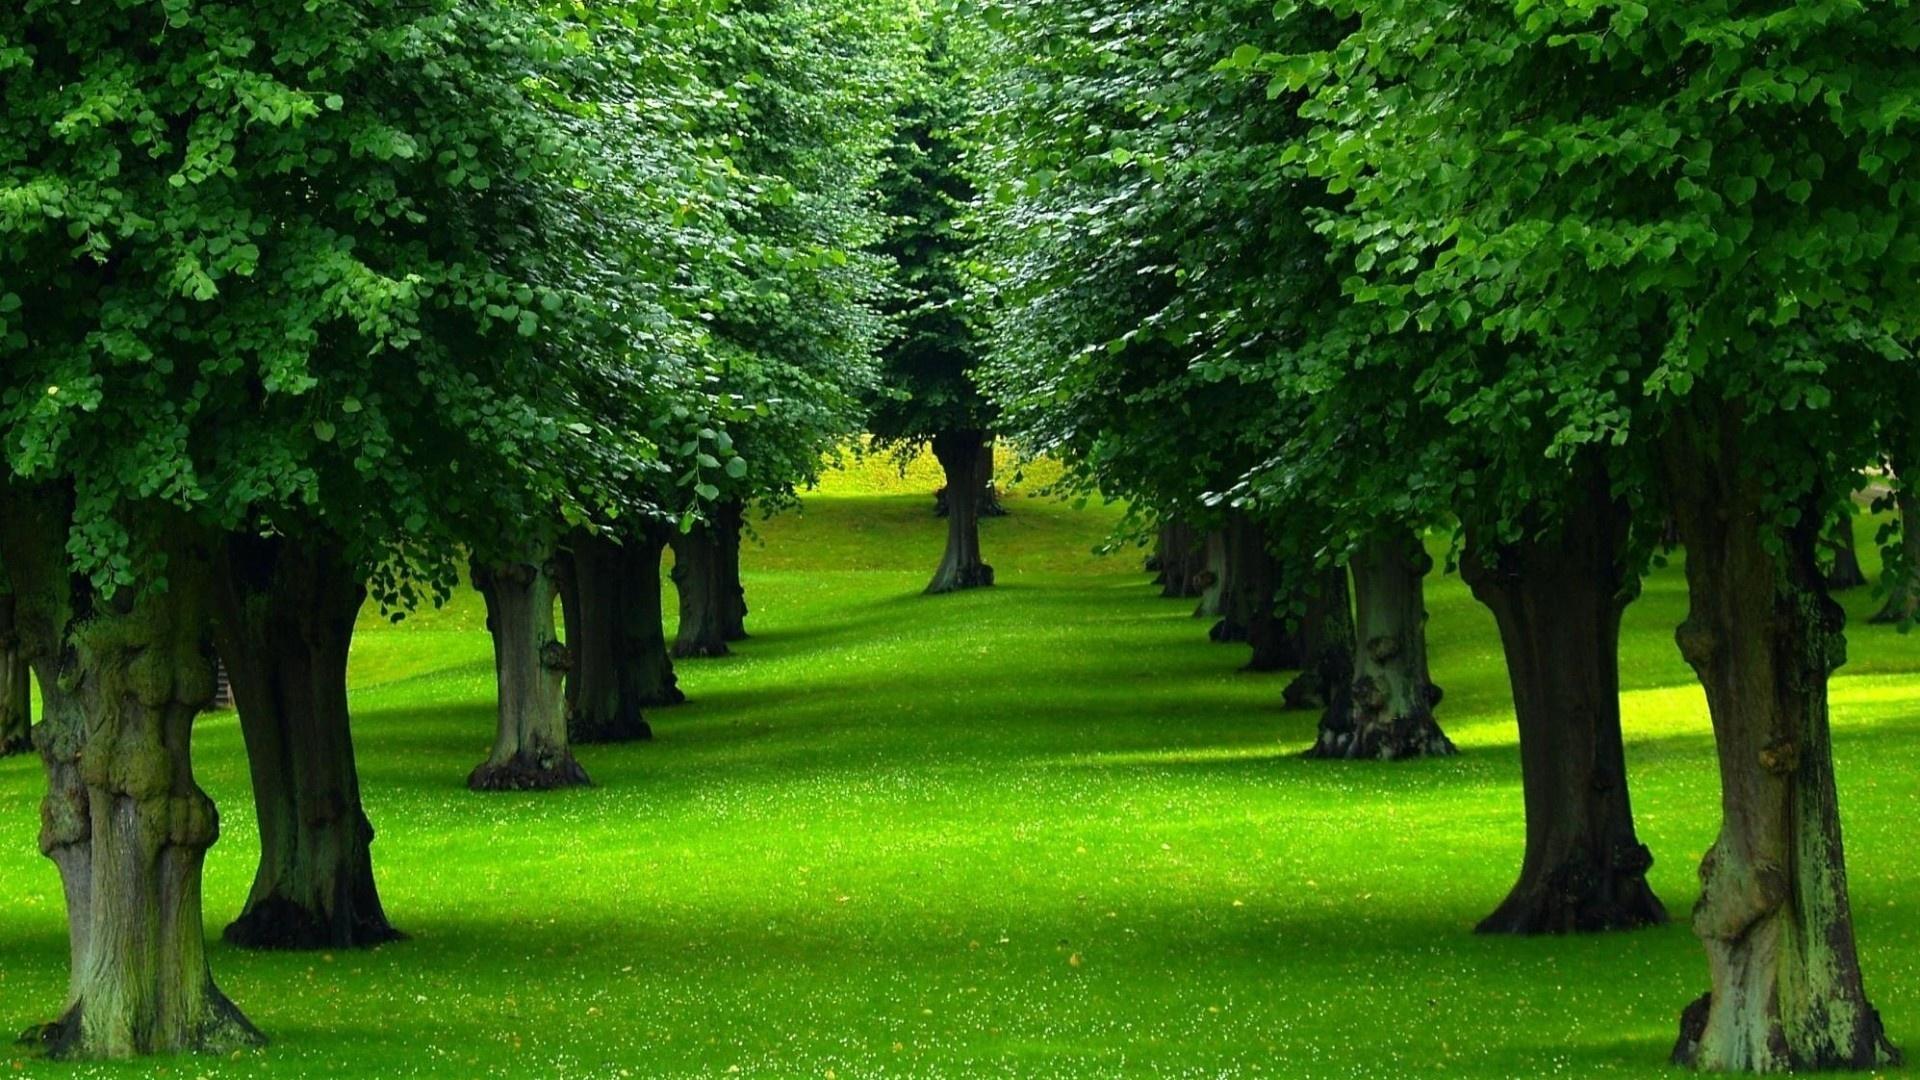 7ef711d5673352bbedb5563ccfc62237 44bcaa2d17de47f1748beee4abf85d4f amazing-trees-1-2 b12e30d1d4802f502ab31412c65a9233 ...